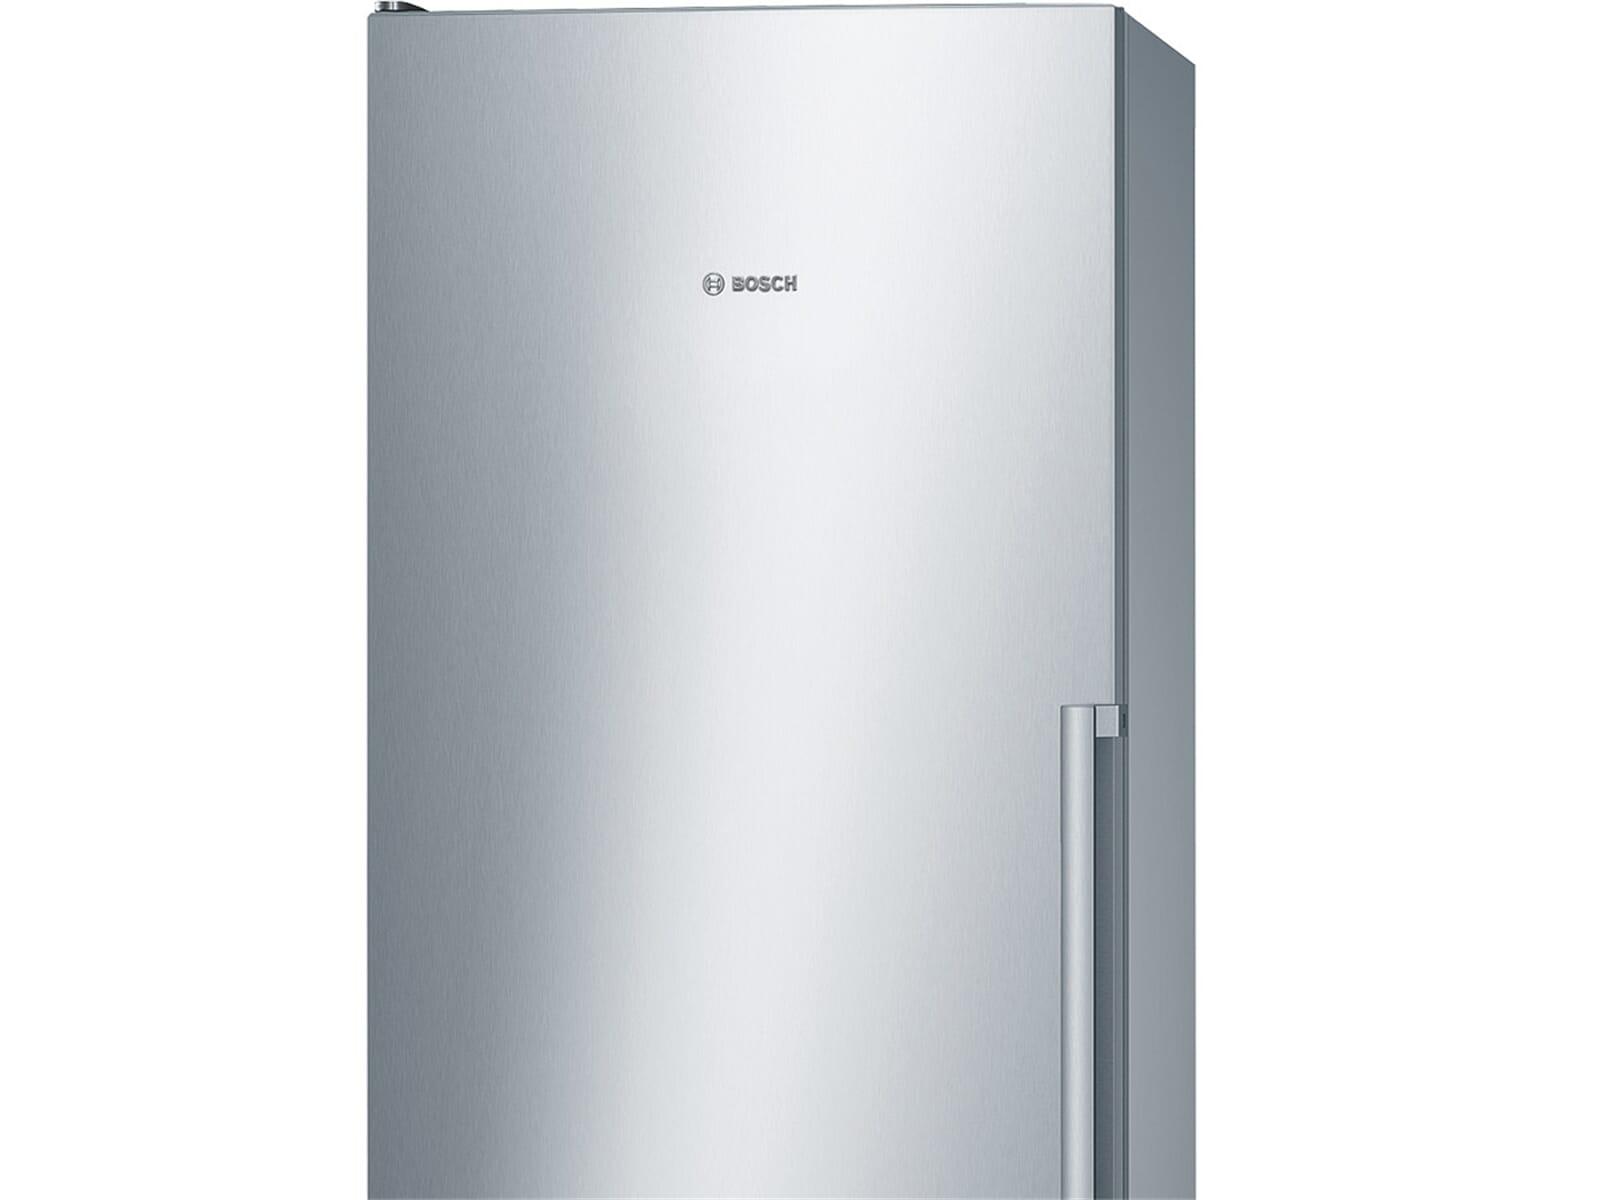 Bomann Kühlschrank Mit Gefrierfach Ks 2194 : Edelstahl kühlschrank mit gefrierfach kühlschrank edelstahl